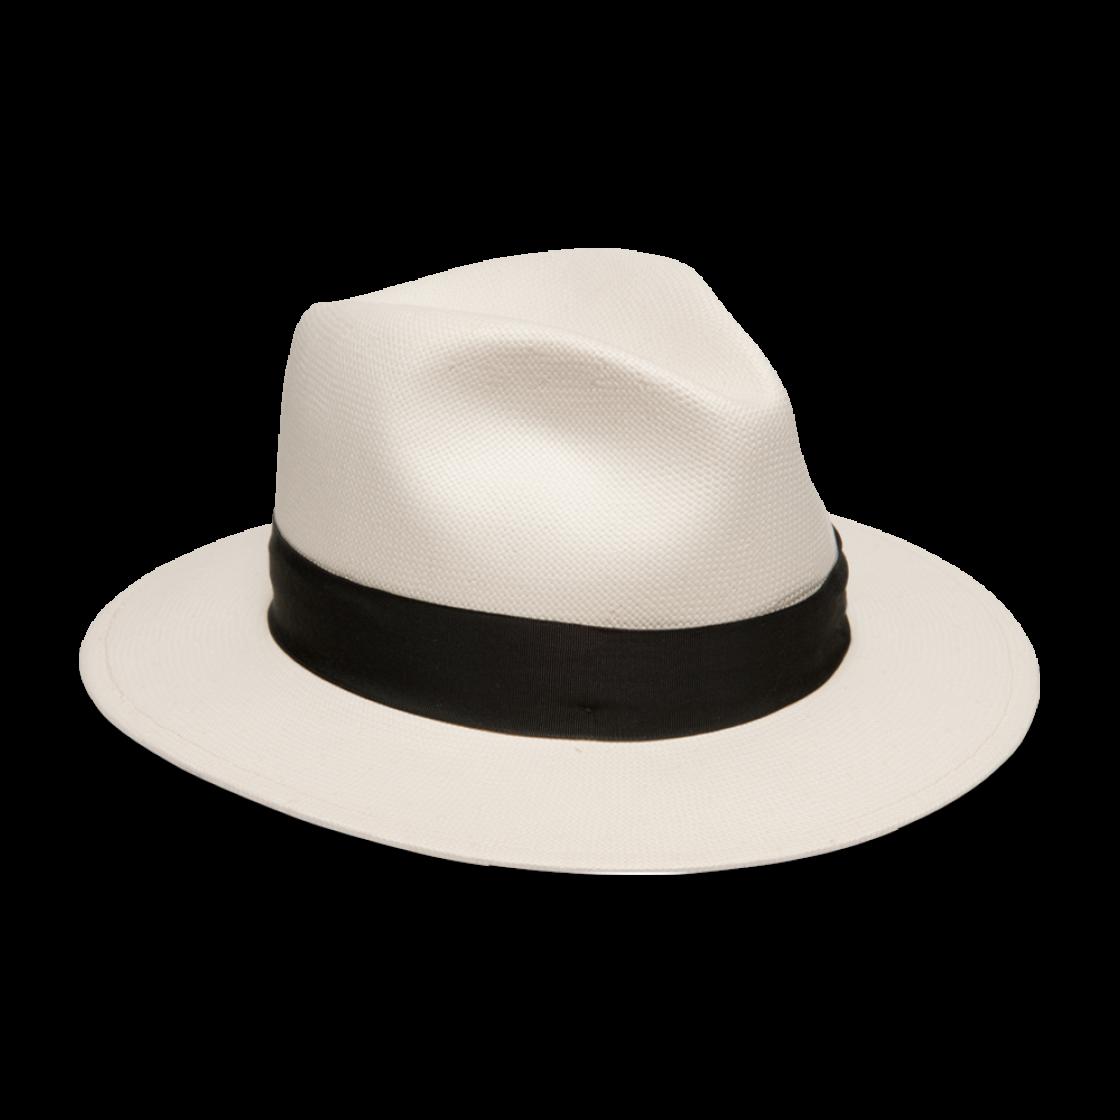 59b1a219 God Father Straw Fedora Hat   Goorin Bros. Hat Shop